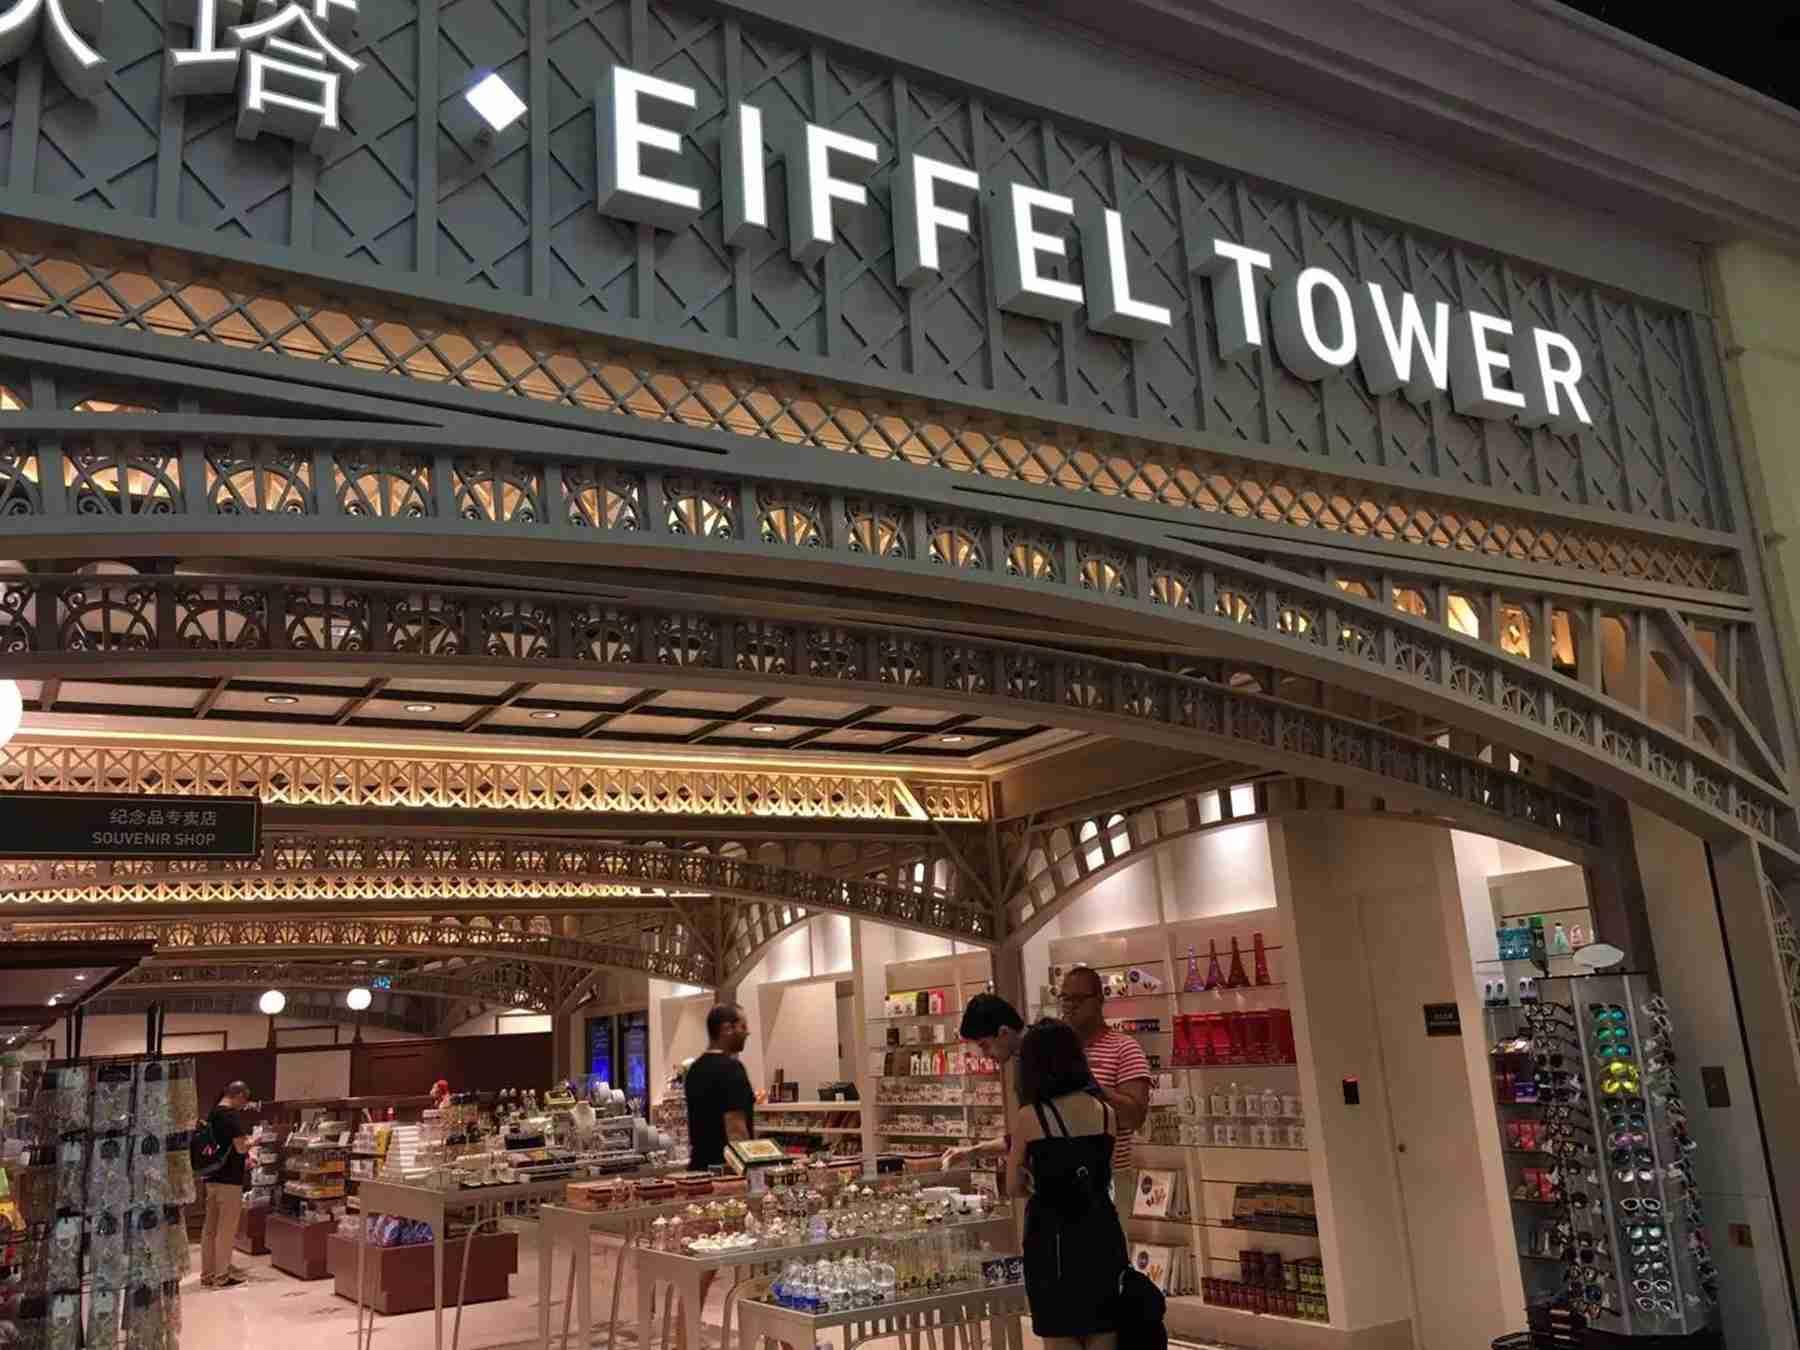 澳门巴黎人酒店埃菲尔铁塔入口